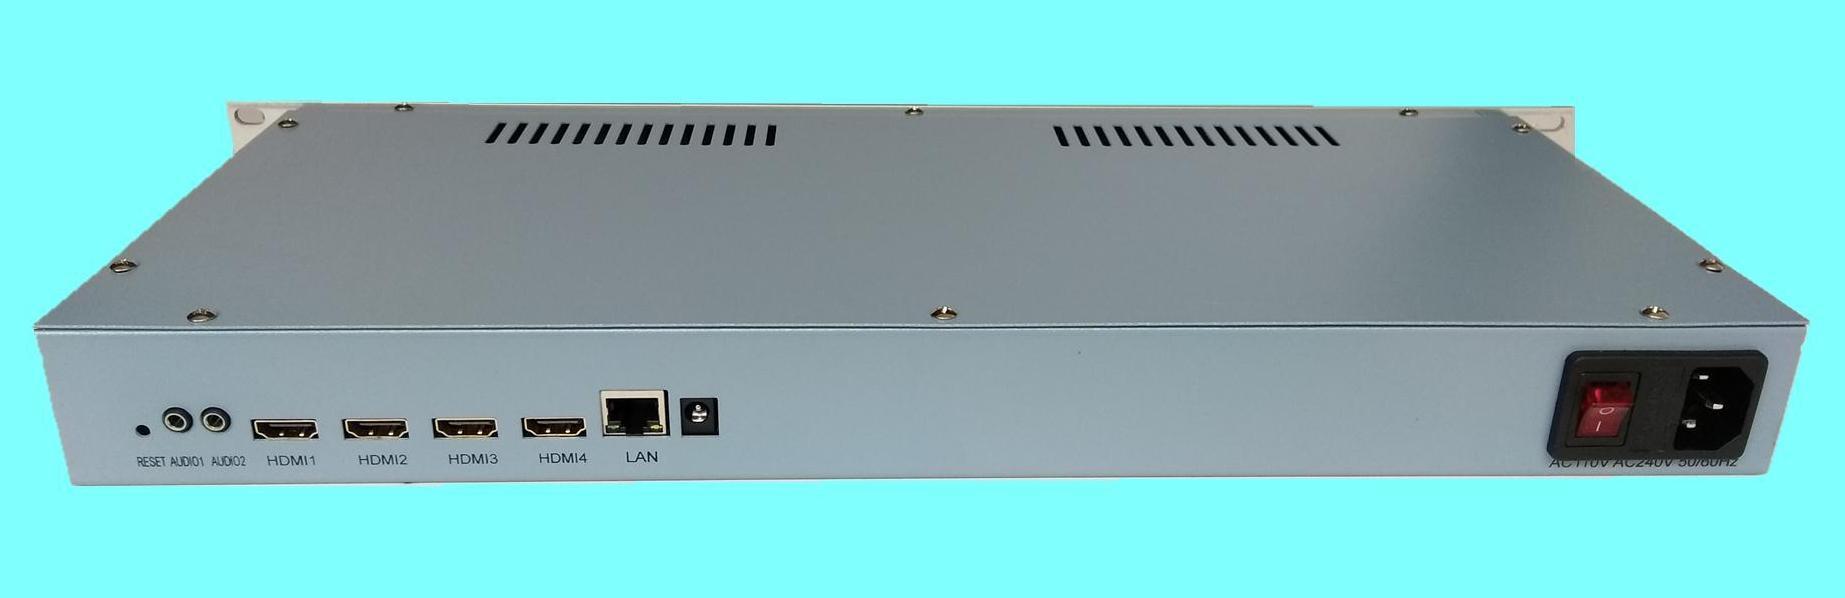 也可以独立音频编码输出;支持无视频信号编码,如果不接hdmi信号,只接